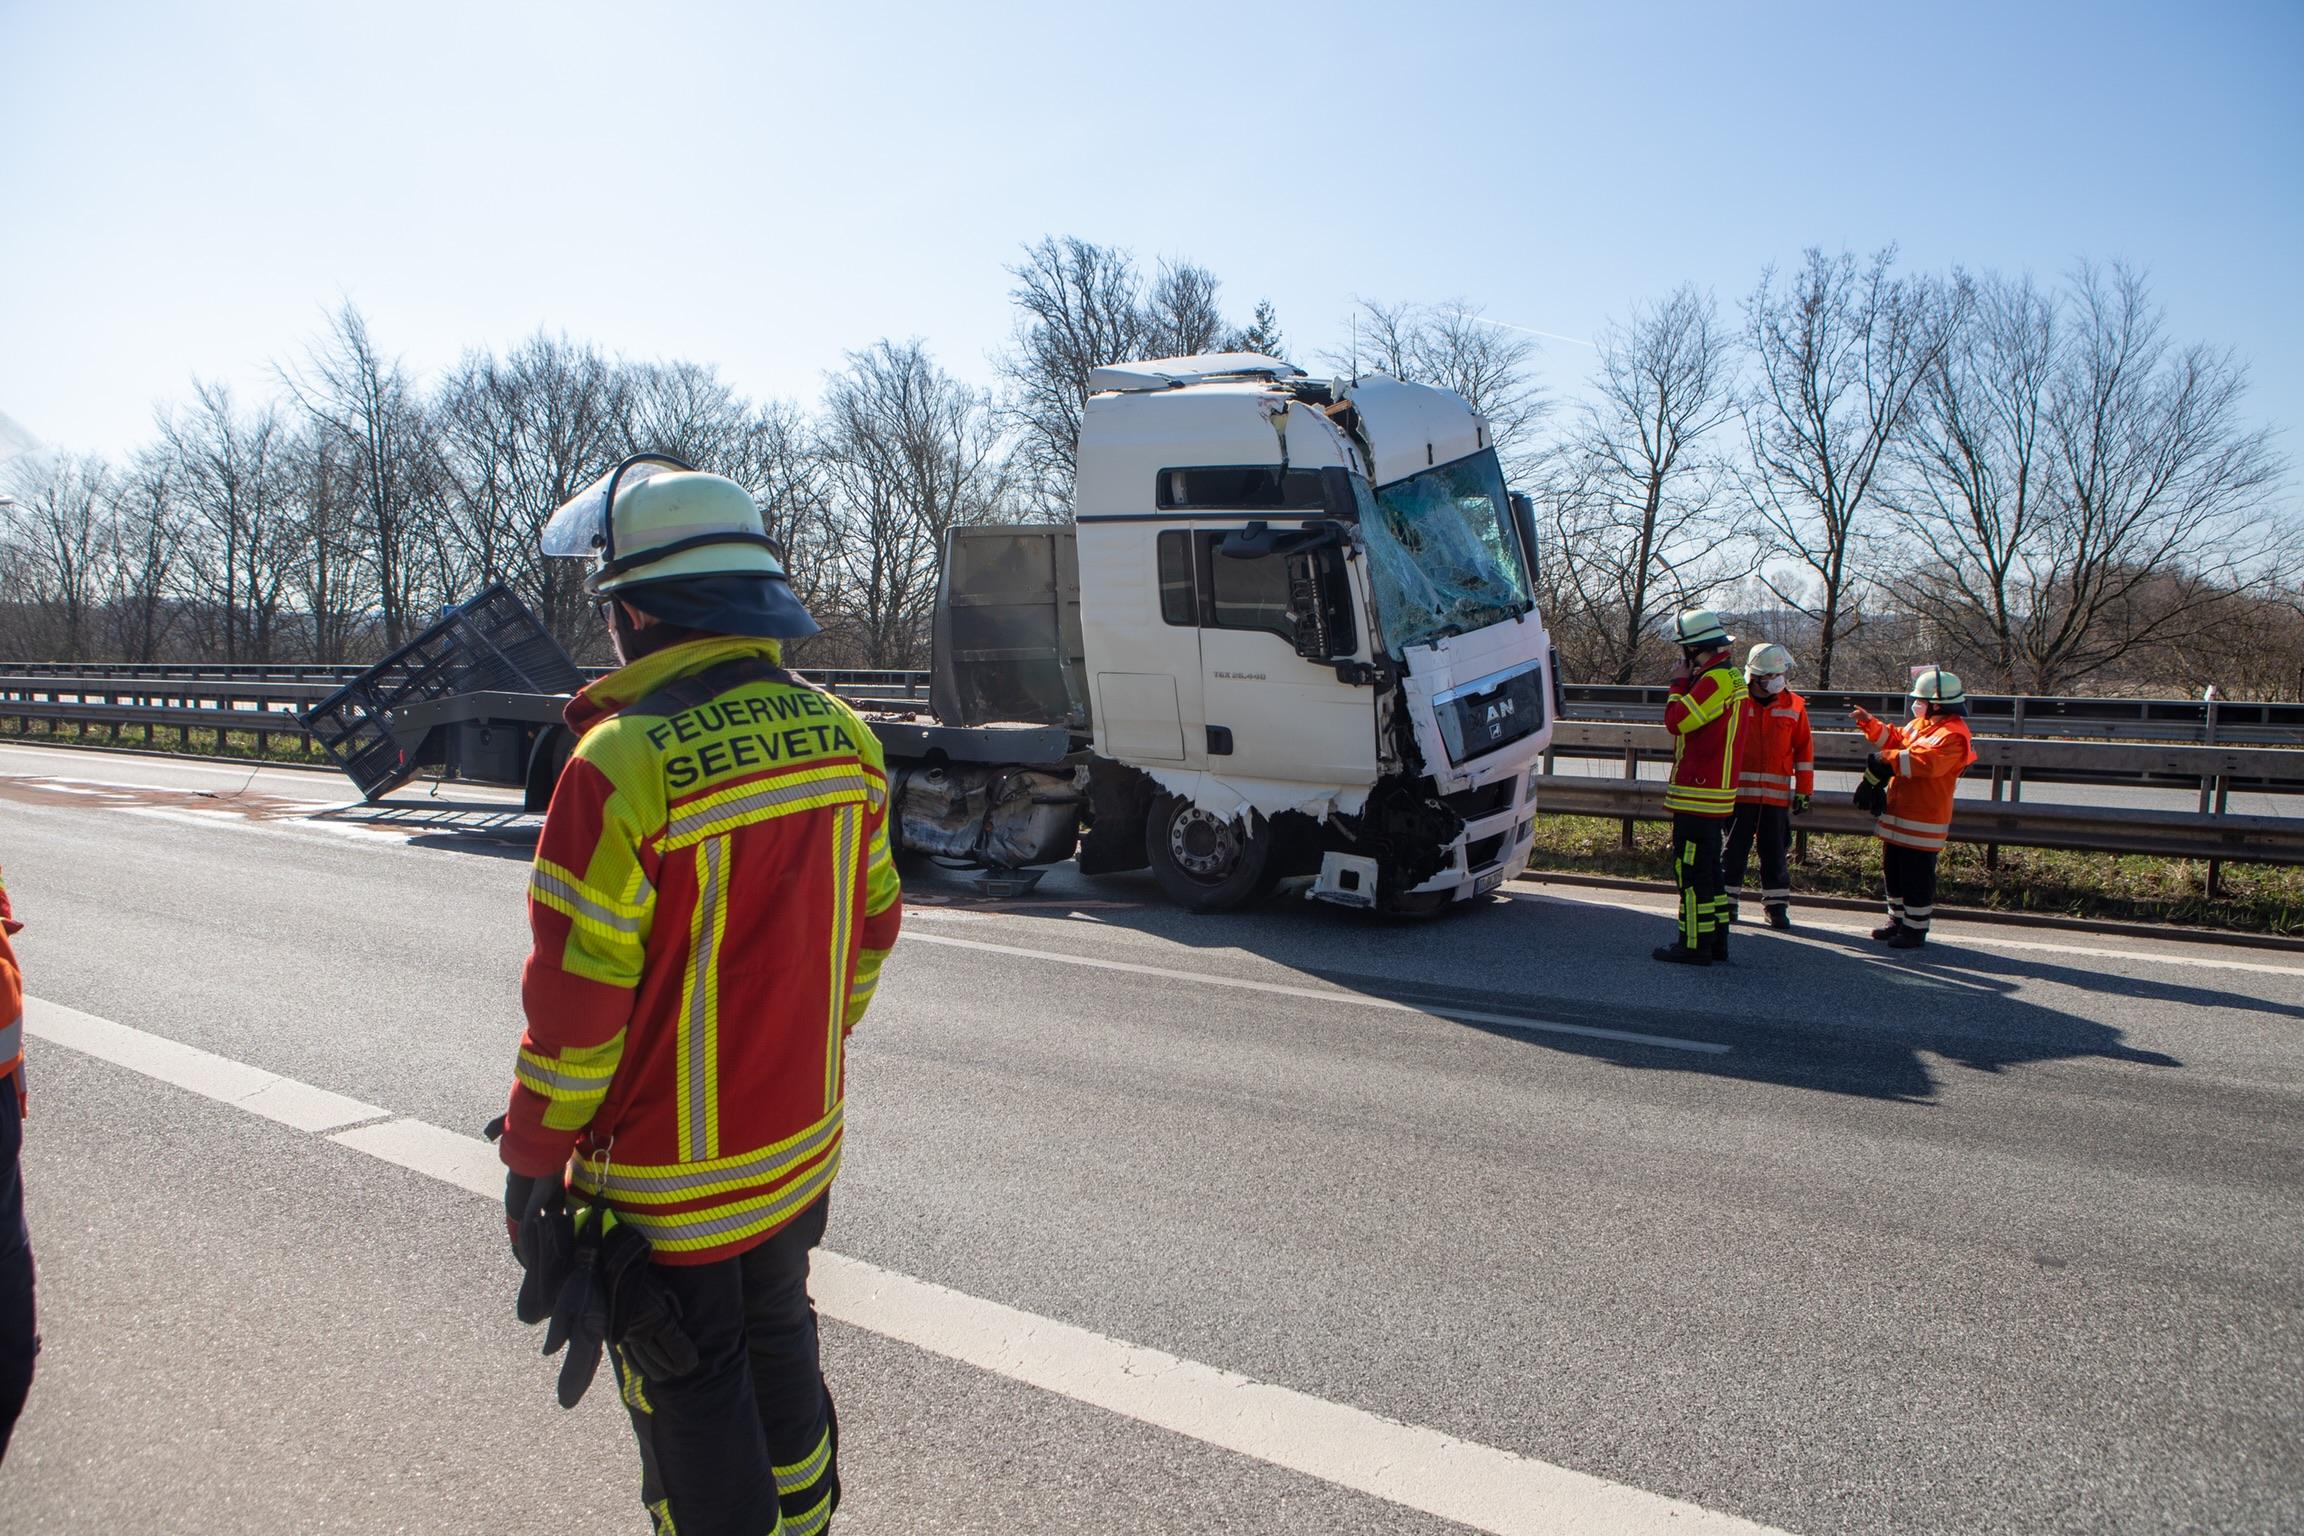 Schwerer-Unfall-sorgt-f-r-A7-Sperrung-LKW-kracht-in-Stauende